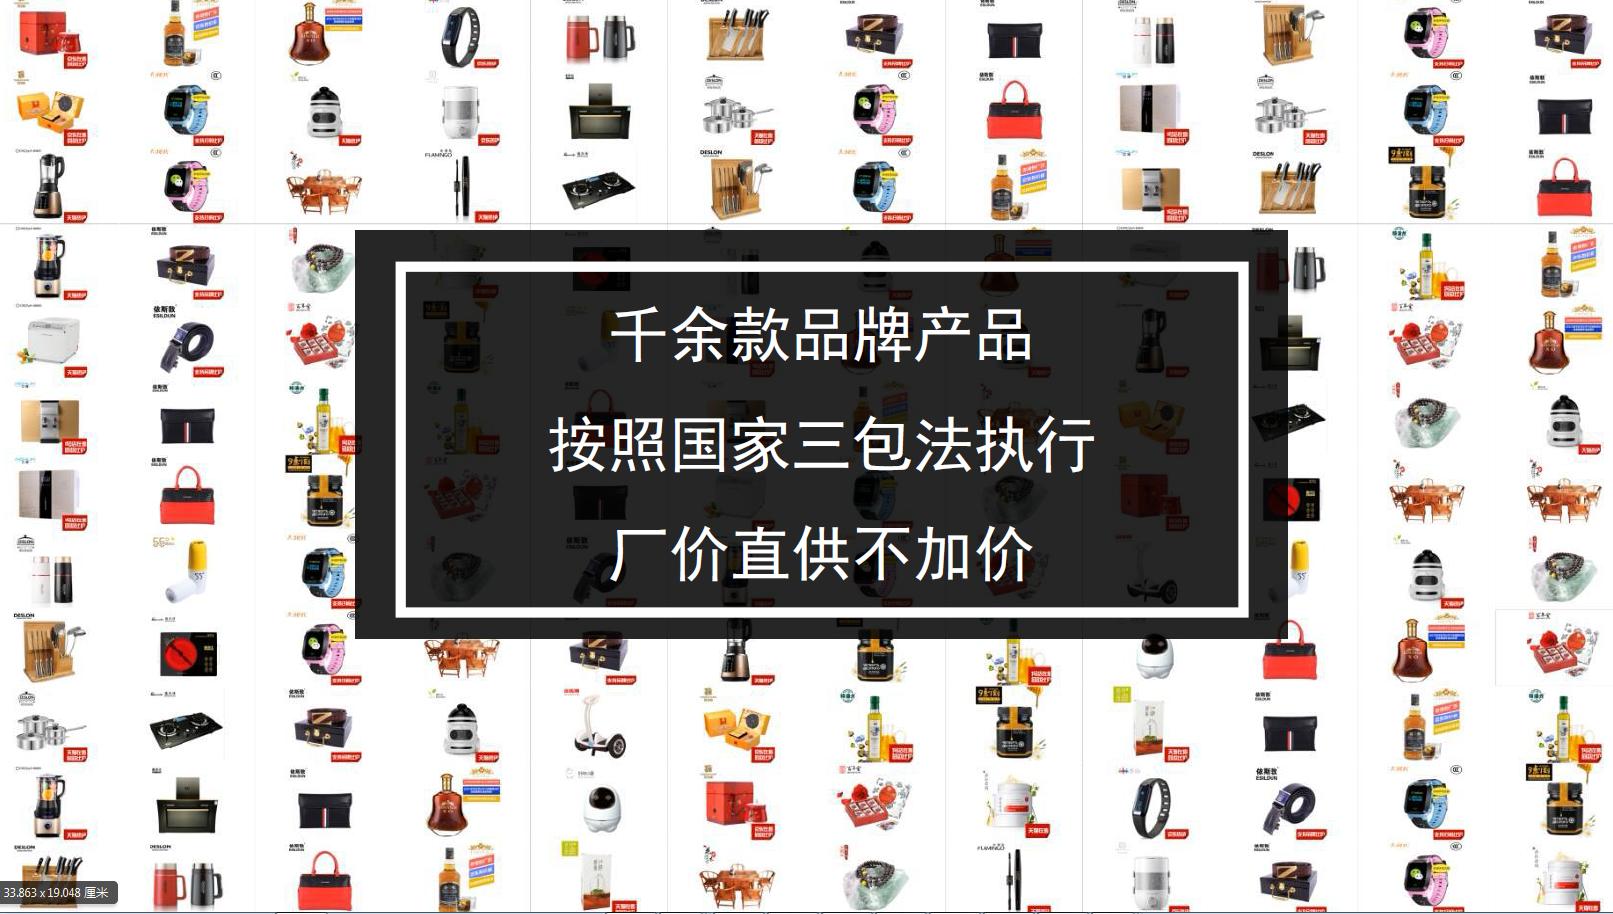 企叮咚营销促销一折礼品赠品平台采购专家